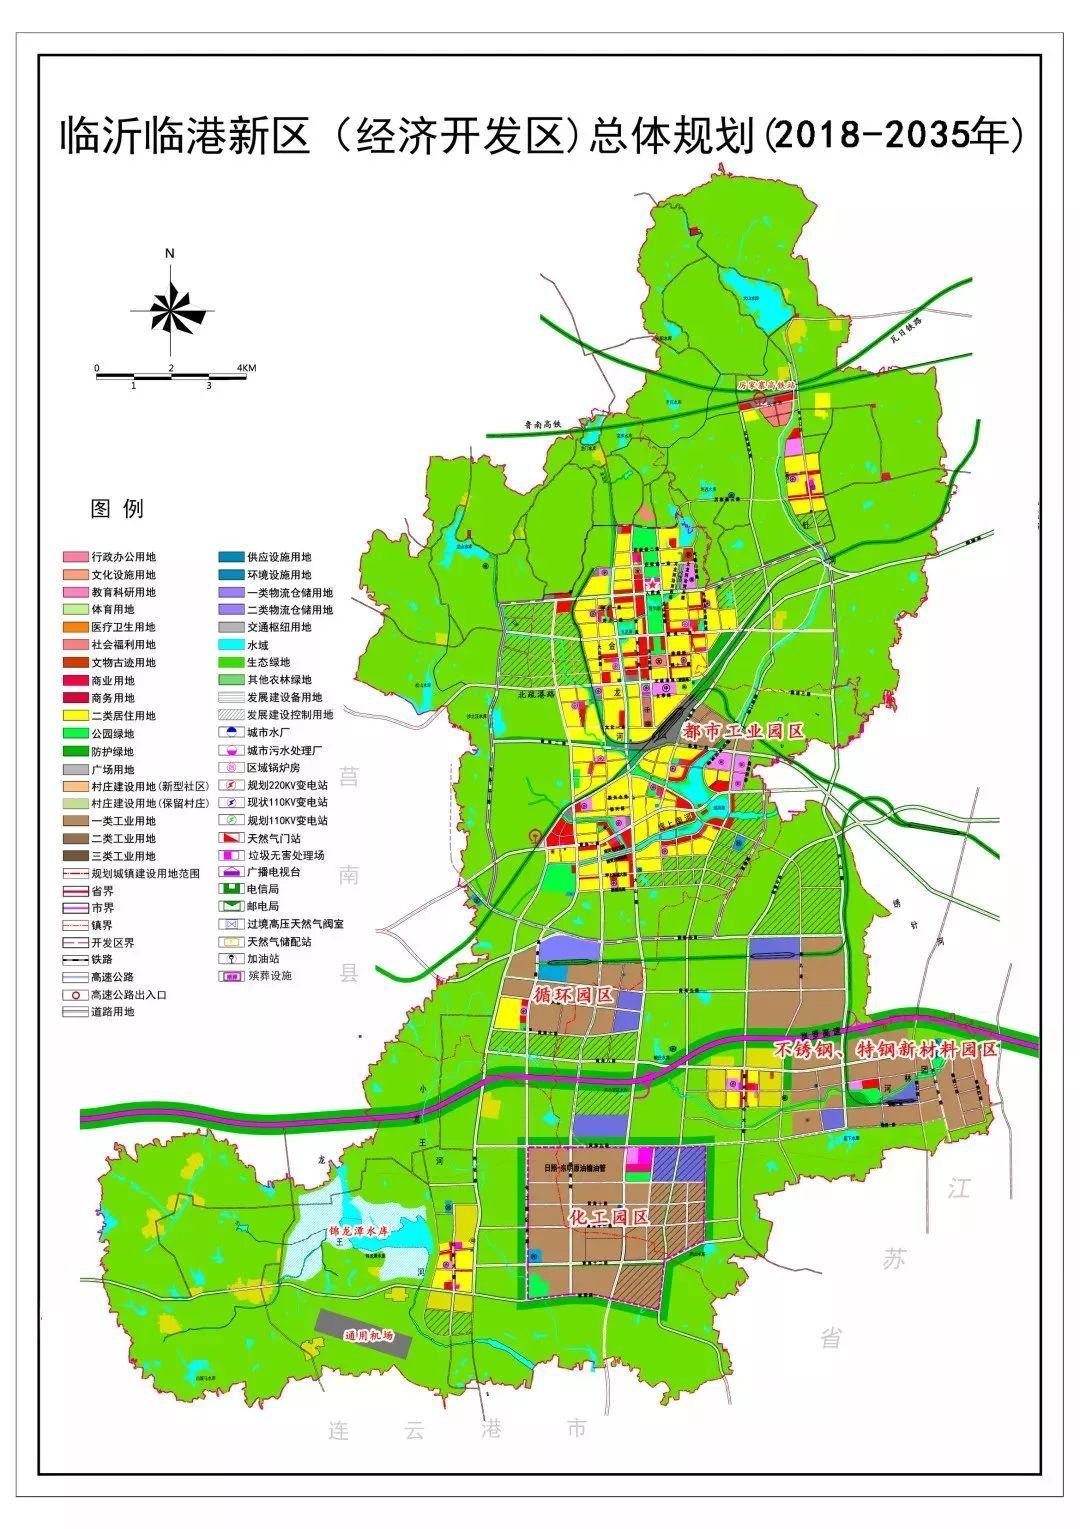 2019港区规划图